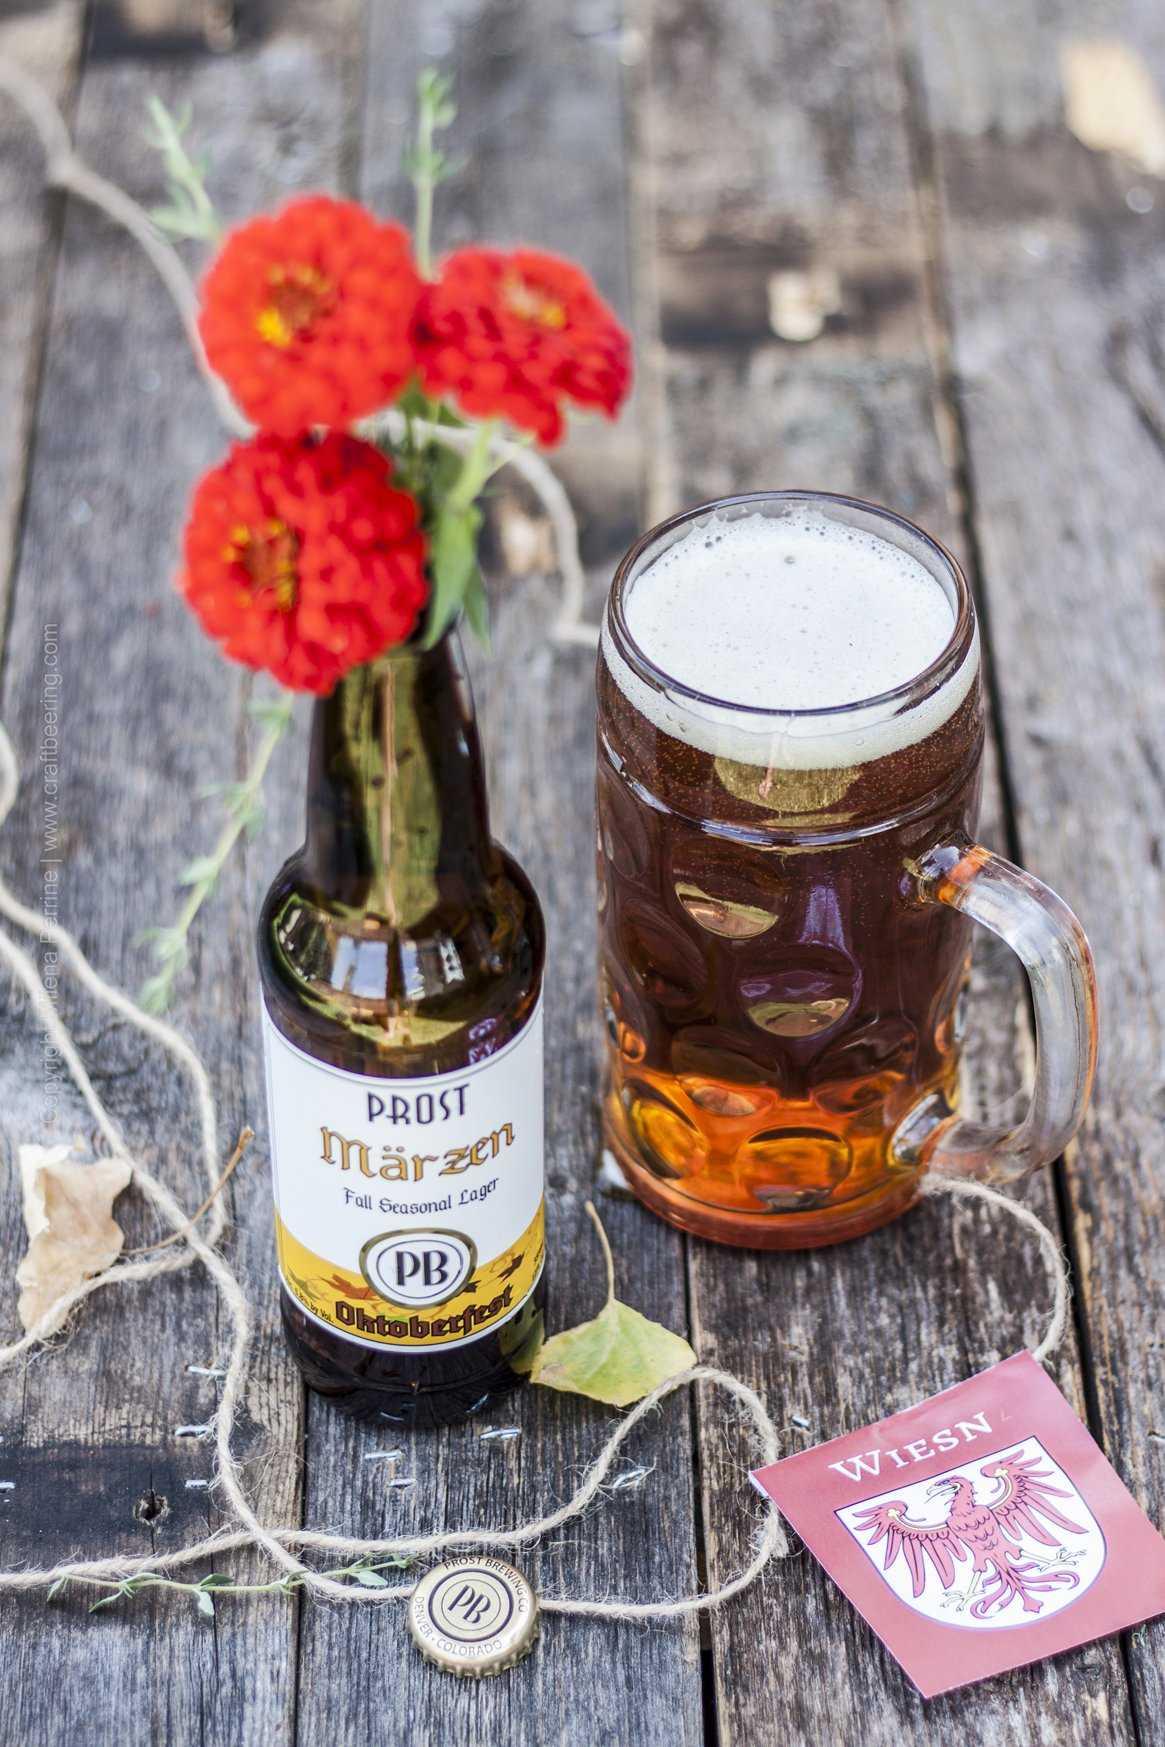 Prost Brewing Co Oktoberfest Marzen style lager